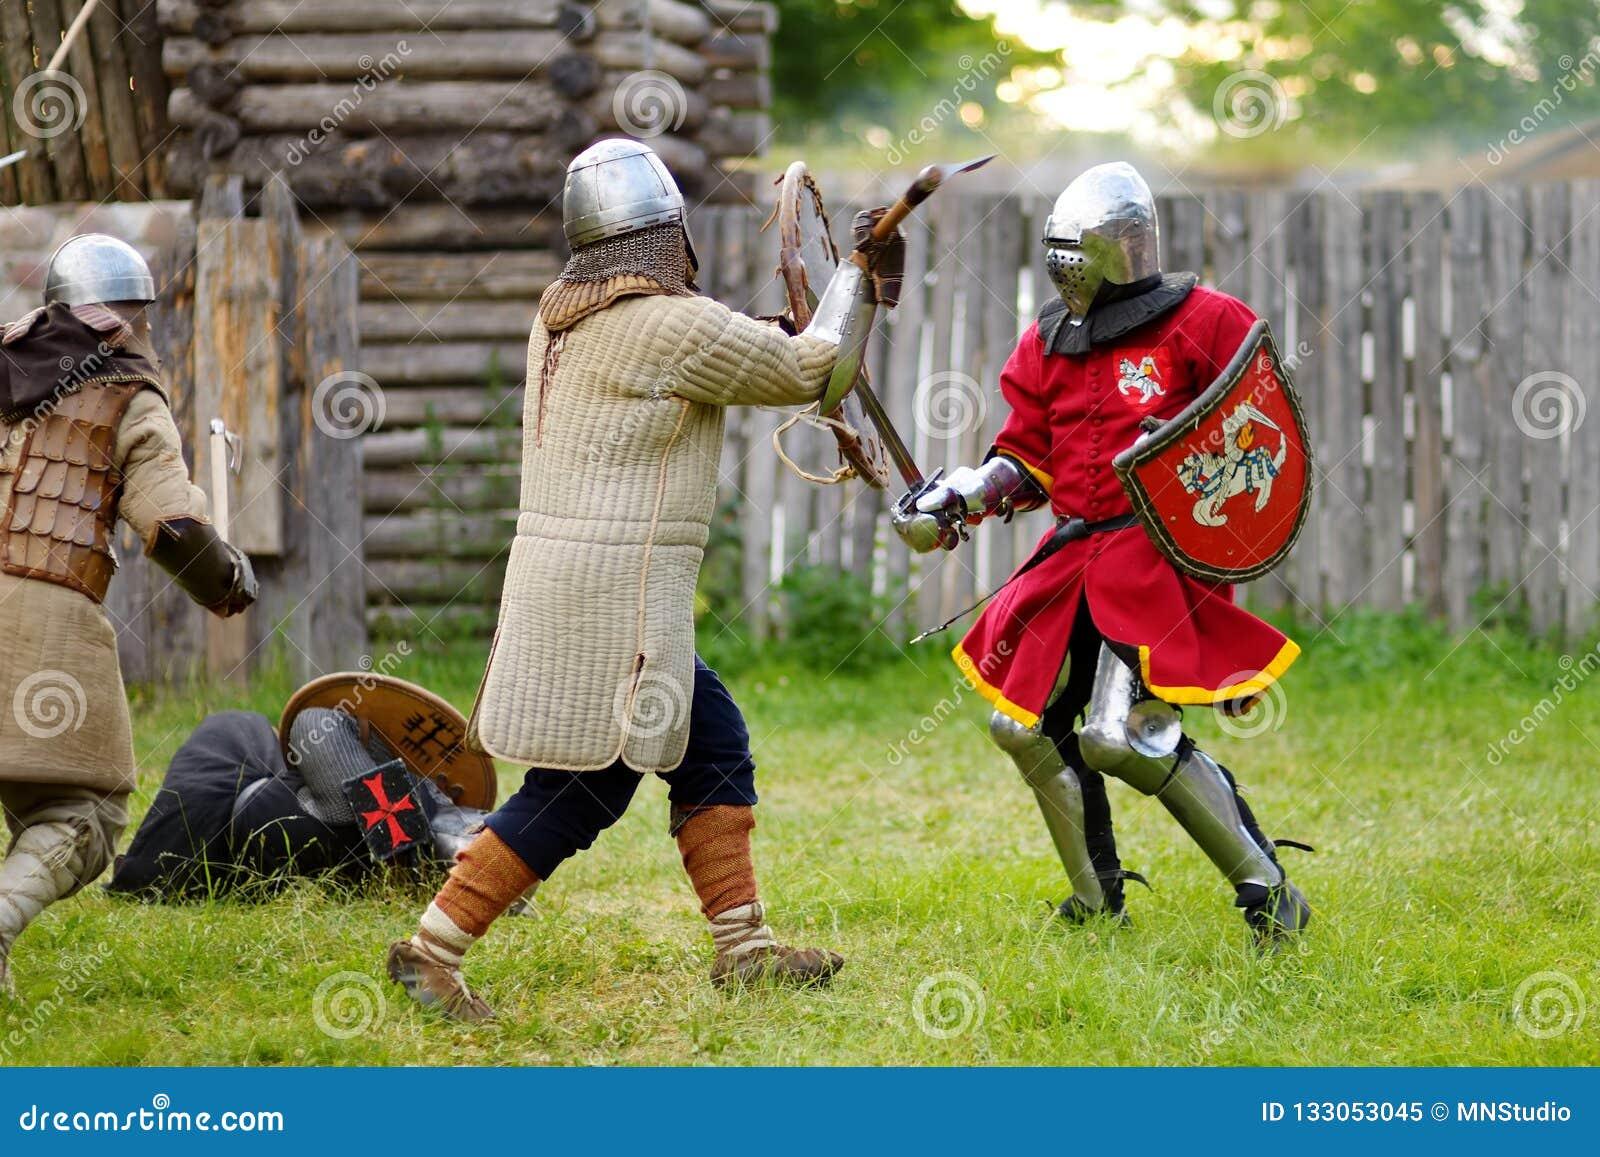 Trajes vestindo do cavaleiro dos povos durante o reenactment histórico no festival medieval anual, realizado no castelo peninsula